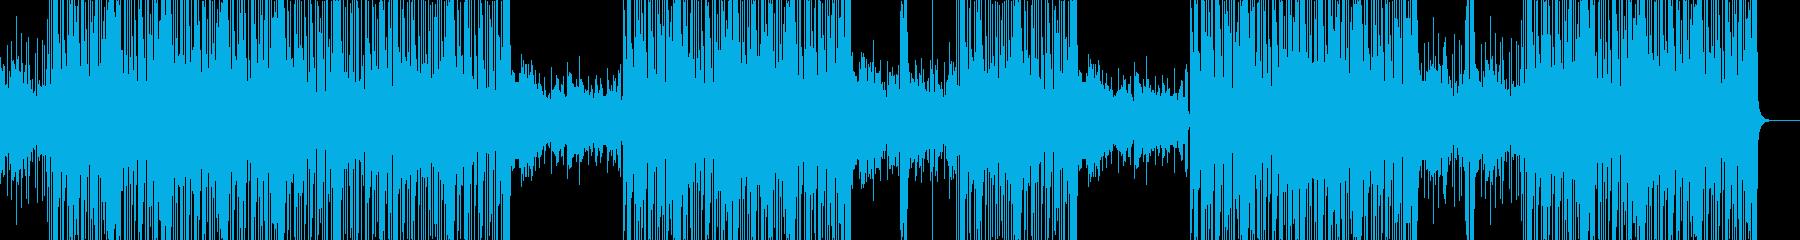 カッコいいビートのHIPHOP/BGMの再生済みの波形